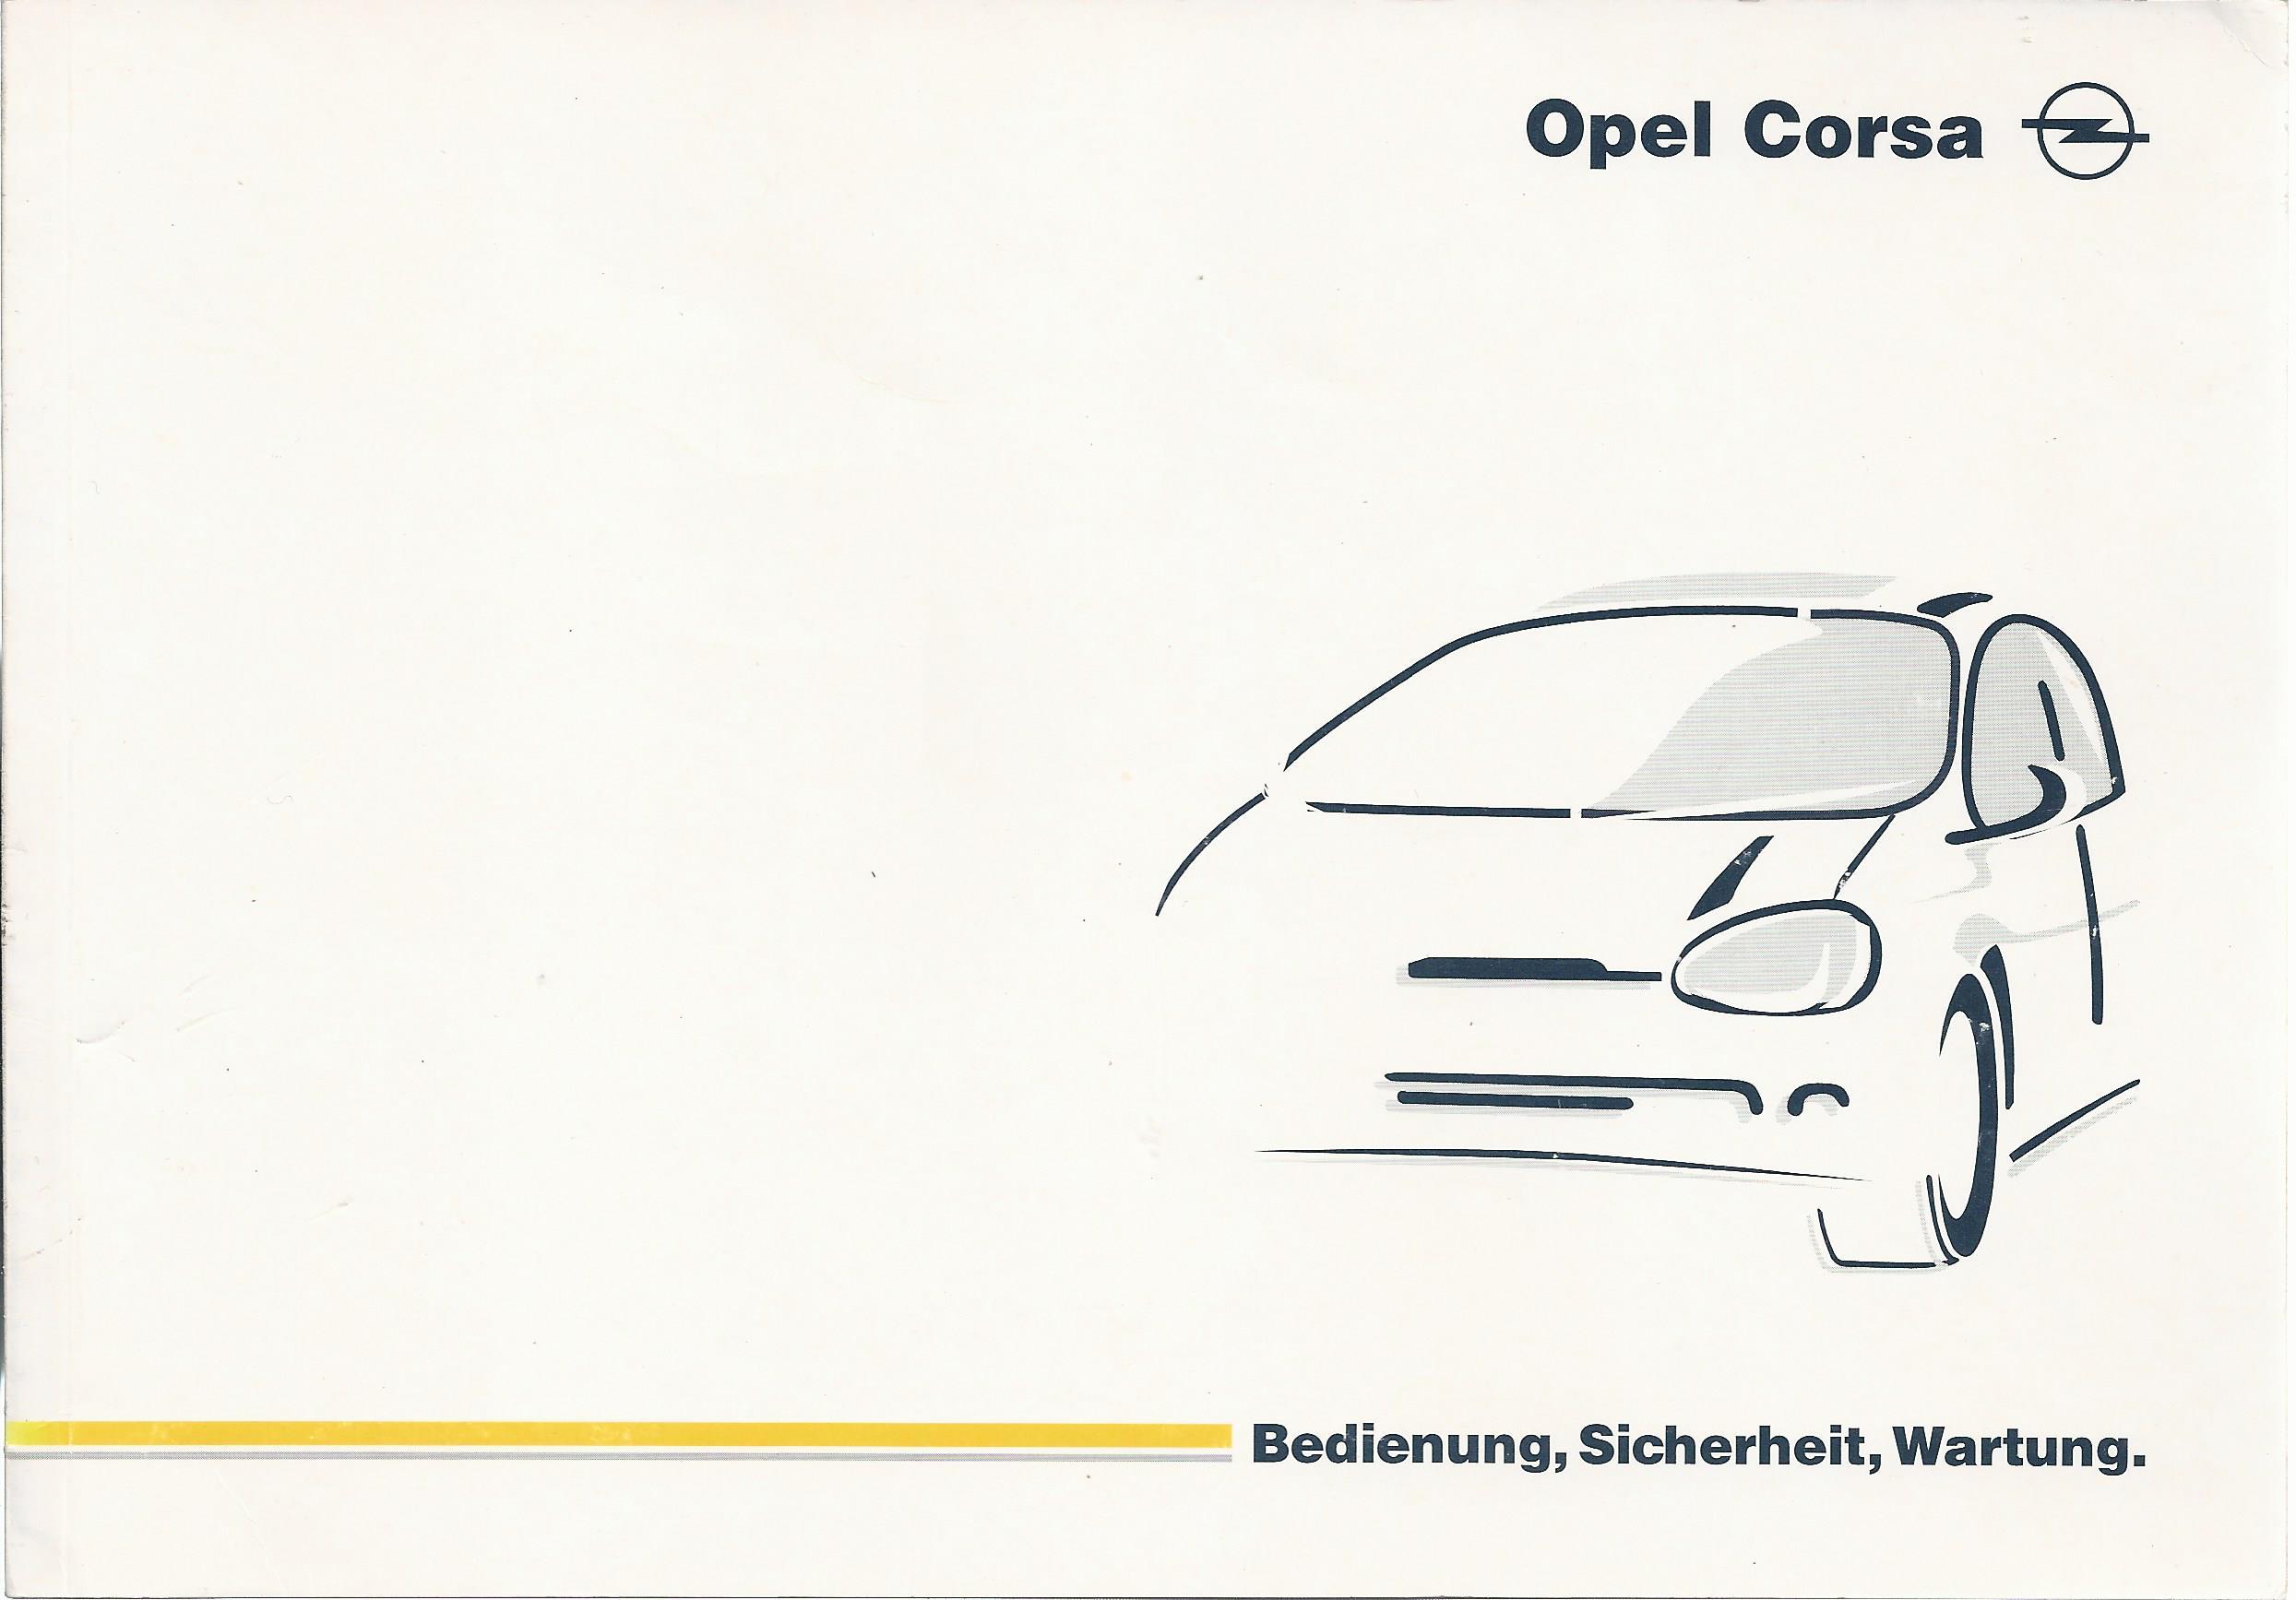 Opel Corsa B Betriebsanleitung Be Nungsanleitung